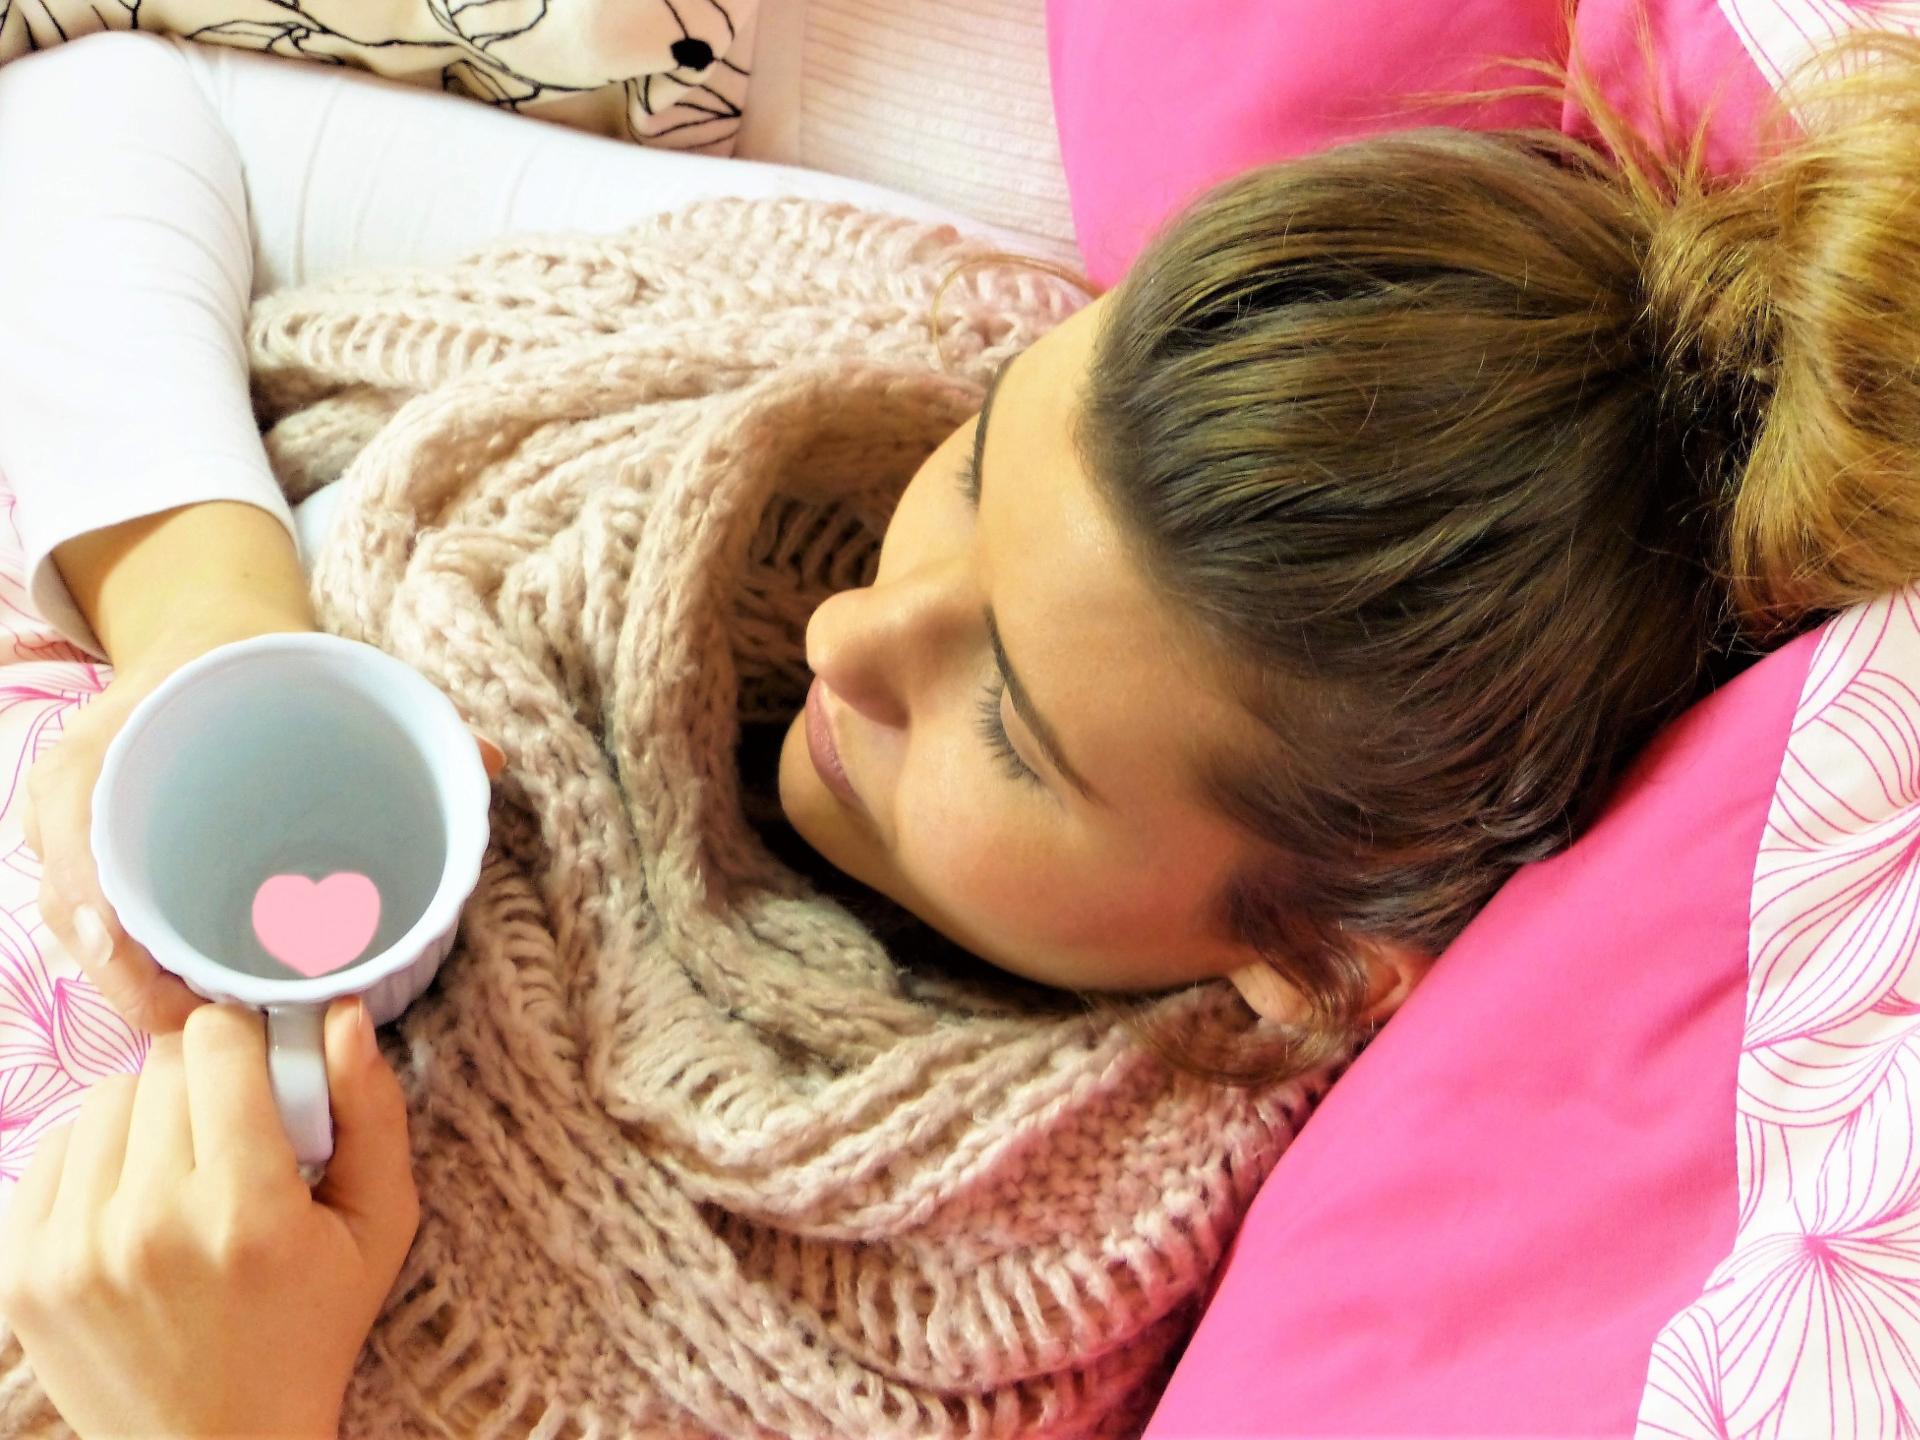 Auch gemütlich mit Tee oder Kakao auf der Couch liegen kann präventiv wirken. - Photocredit: pixabay.com/silviarita